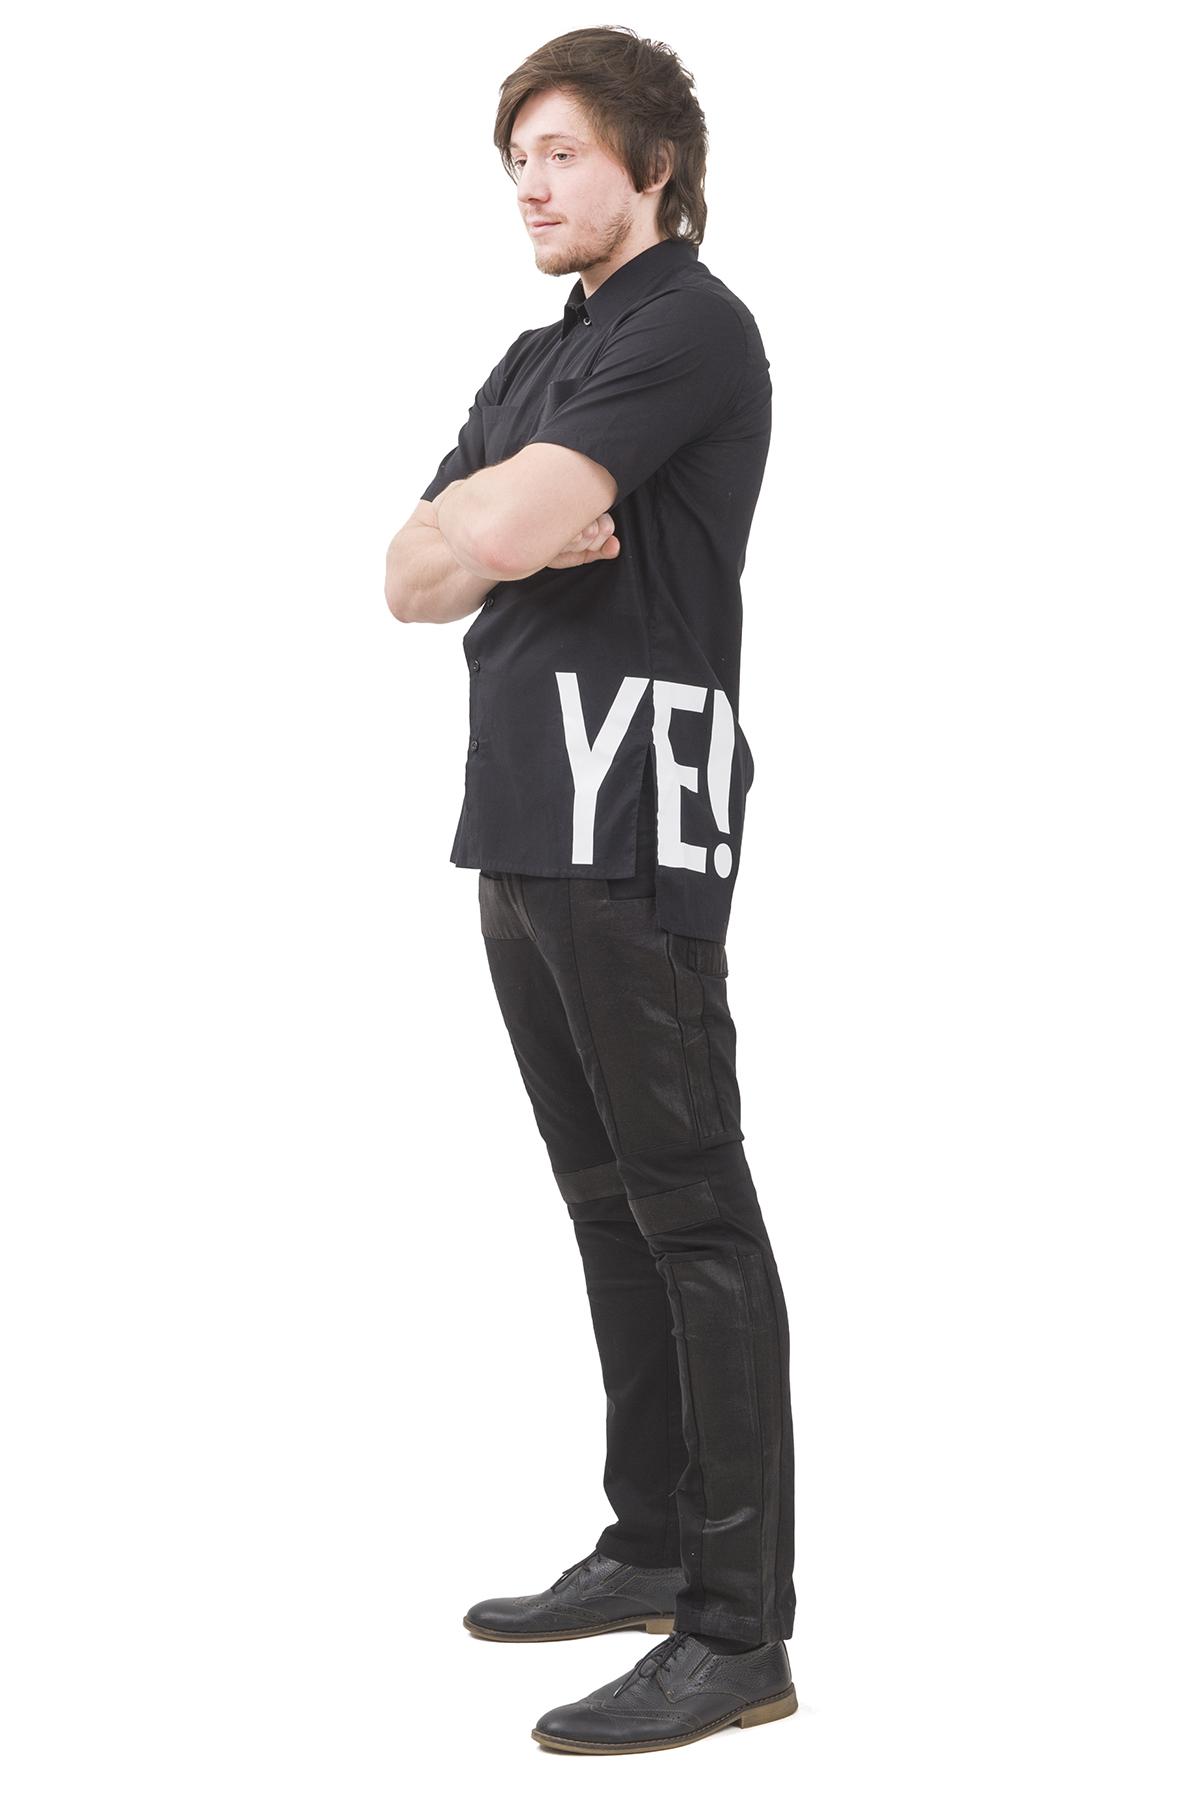 РубашкаМужские рубашки<br>Мужская рубашка бренда Pavel Yerokin выполнена из хлопкового текстиля. Детали: асимметричный низ; планка на пуговицах, два накладных кармана; сбоку принт - логотип бренда.<br><br>Цвет: черный<br>Состав: Хлопок - 100%<br>Размер: 44,46,48,50,52,54,56,58,60<br>Страна дизайна: Россия<br>Страна производства: Россия